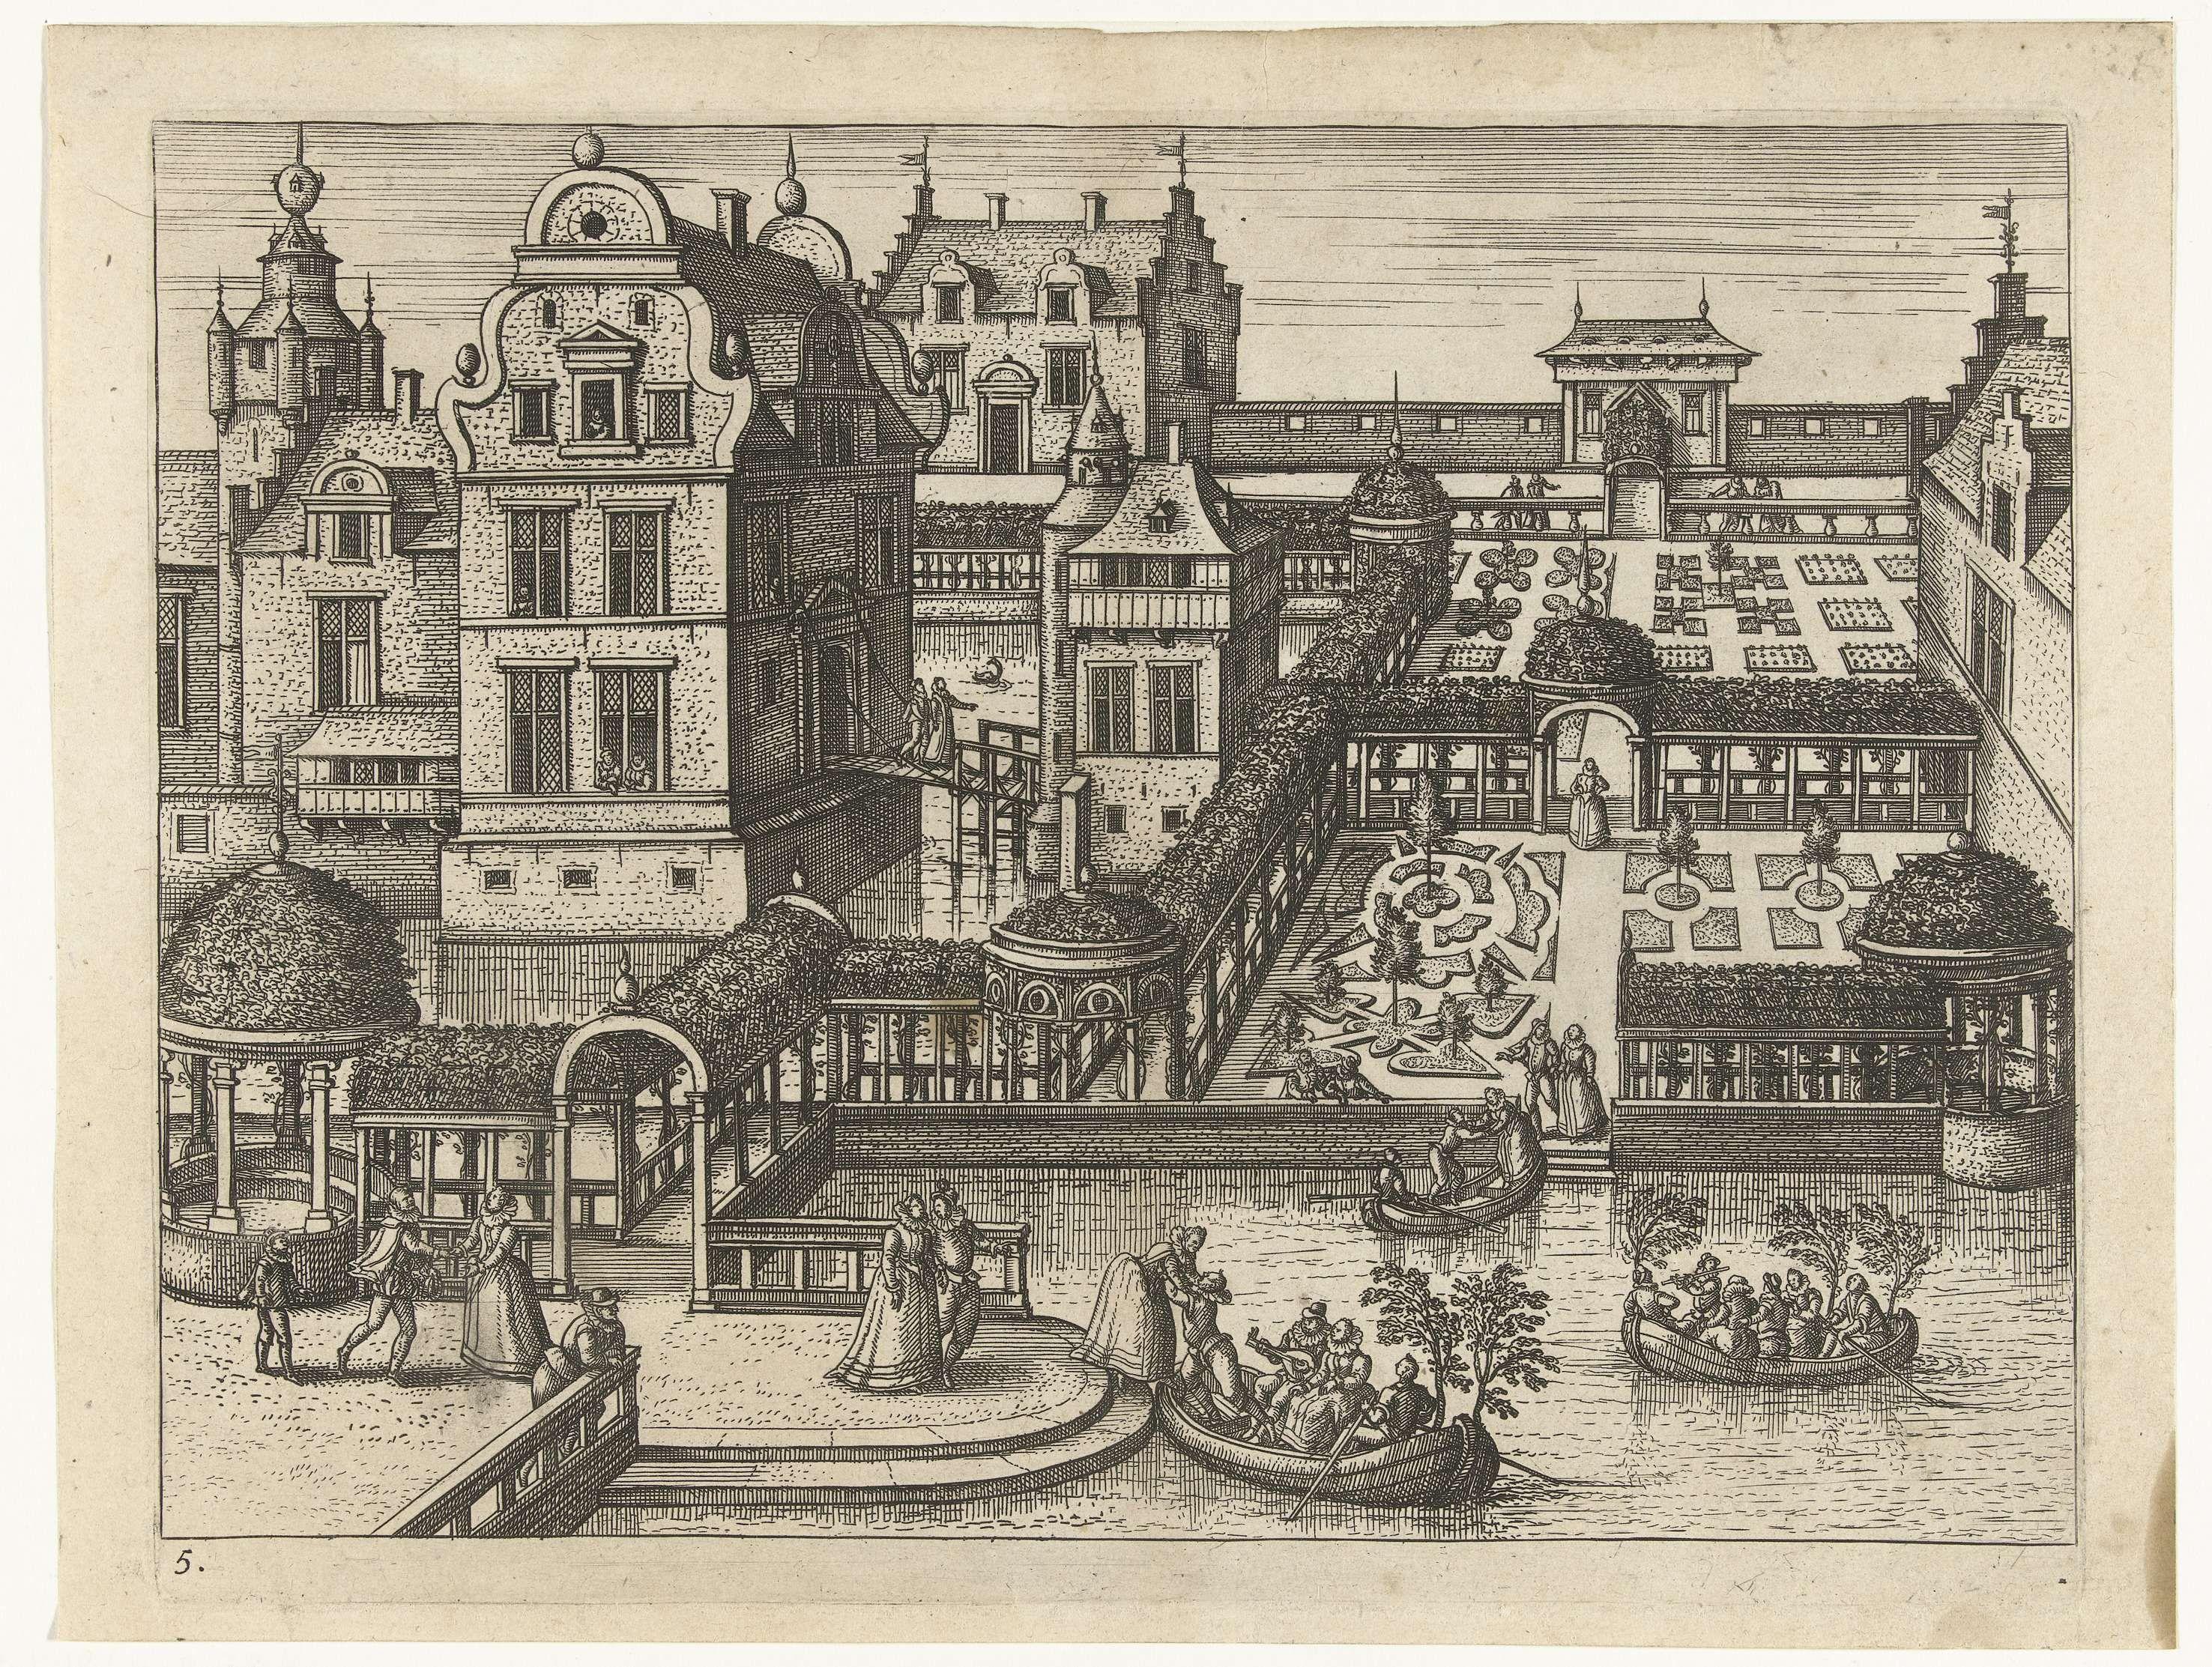 Pieter van der Borcht (I) | Boottocht, Pieter van der Borcht (I), Philips Galle, 1545 - 1608 | Hoftuin met een meertje op de voorgrond. Verspreid over de prent zijn paren te zien die samen wandelen. Op de voorgrond varen drie bootjes in het water. De paren spelen muziek in de boot en varen naar de overkant. De serie toont verschillende aspecten van hofmakerij en enkele voorbeelden uit het Oude Testament.